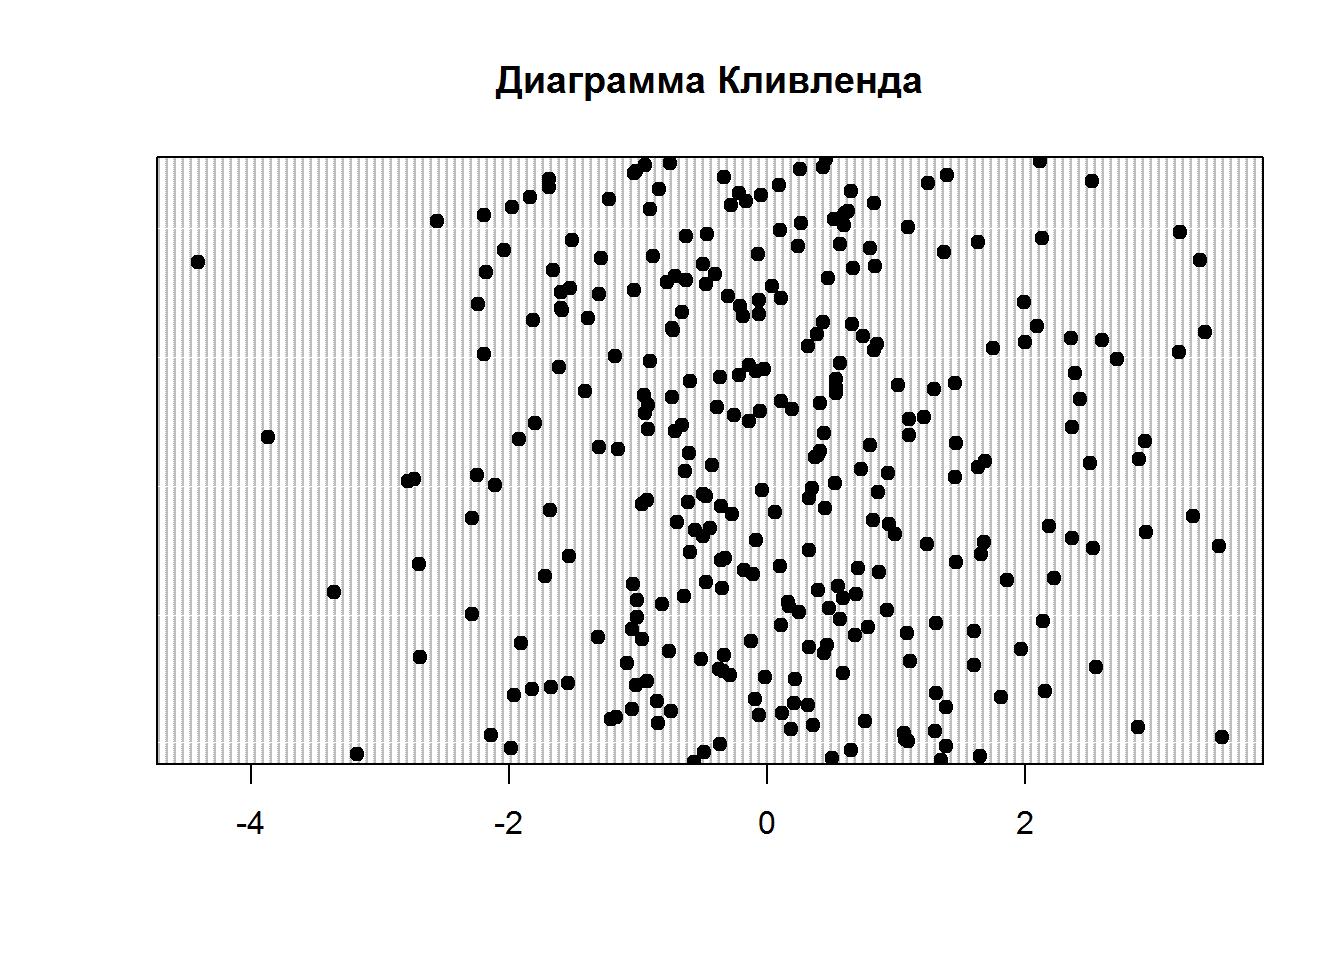 a0d2f007-e602-4668-a3e3-8df0f7c59d5c